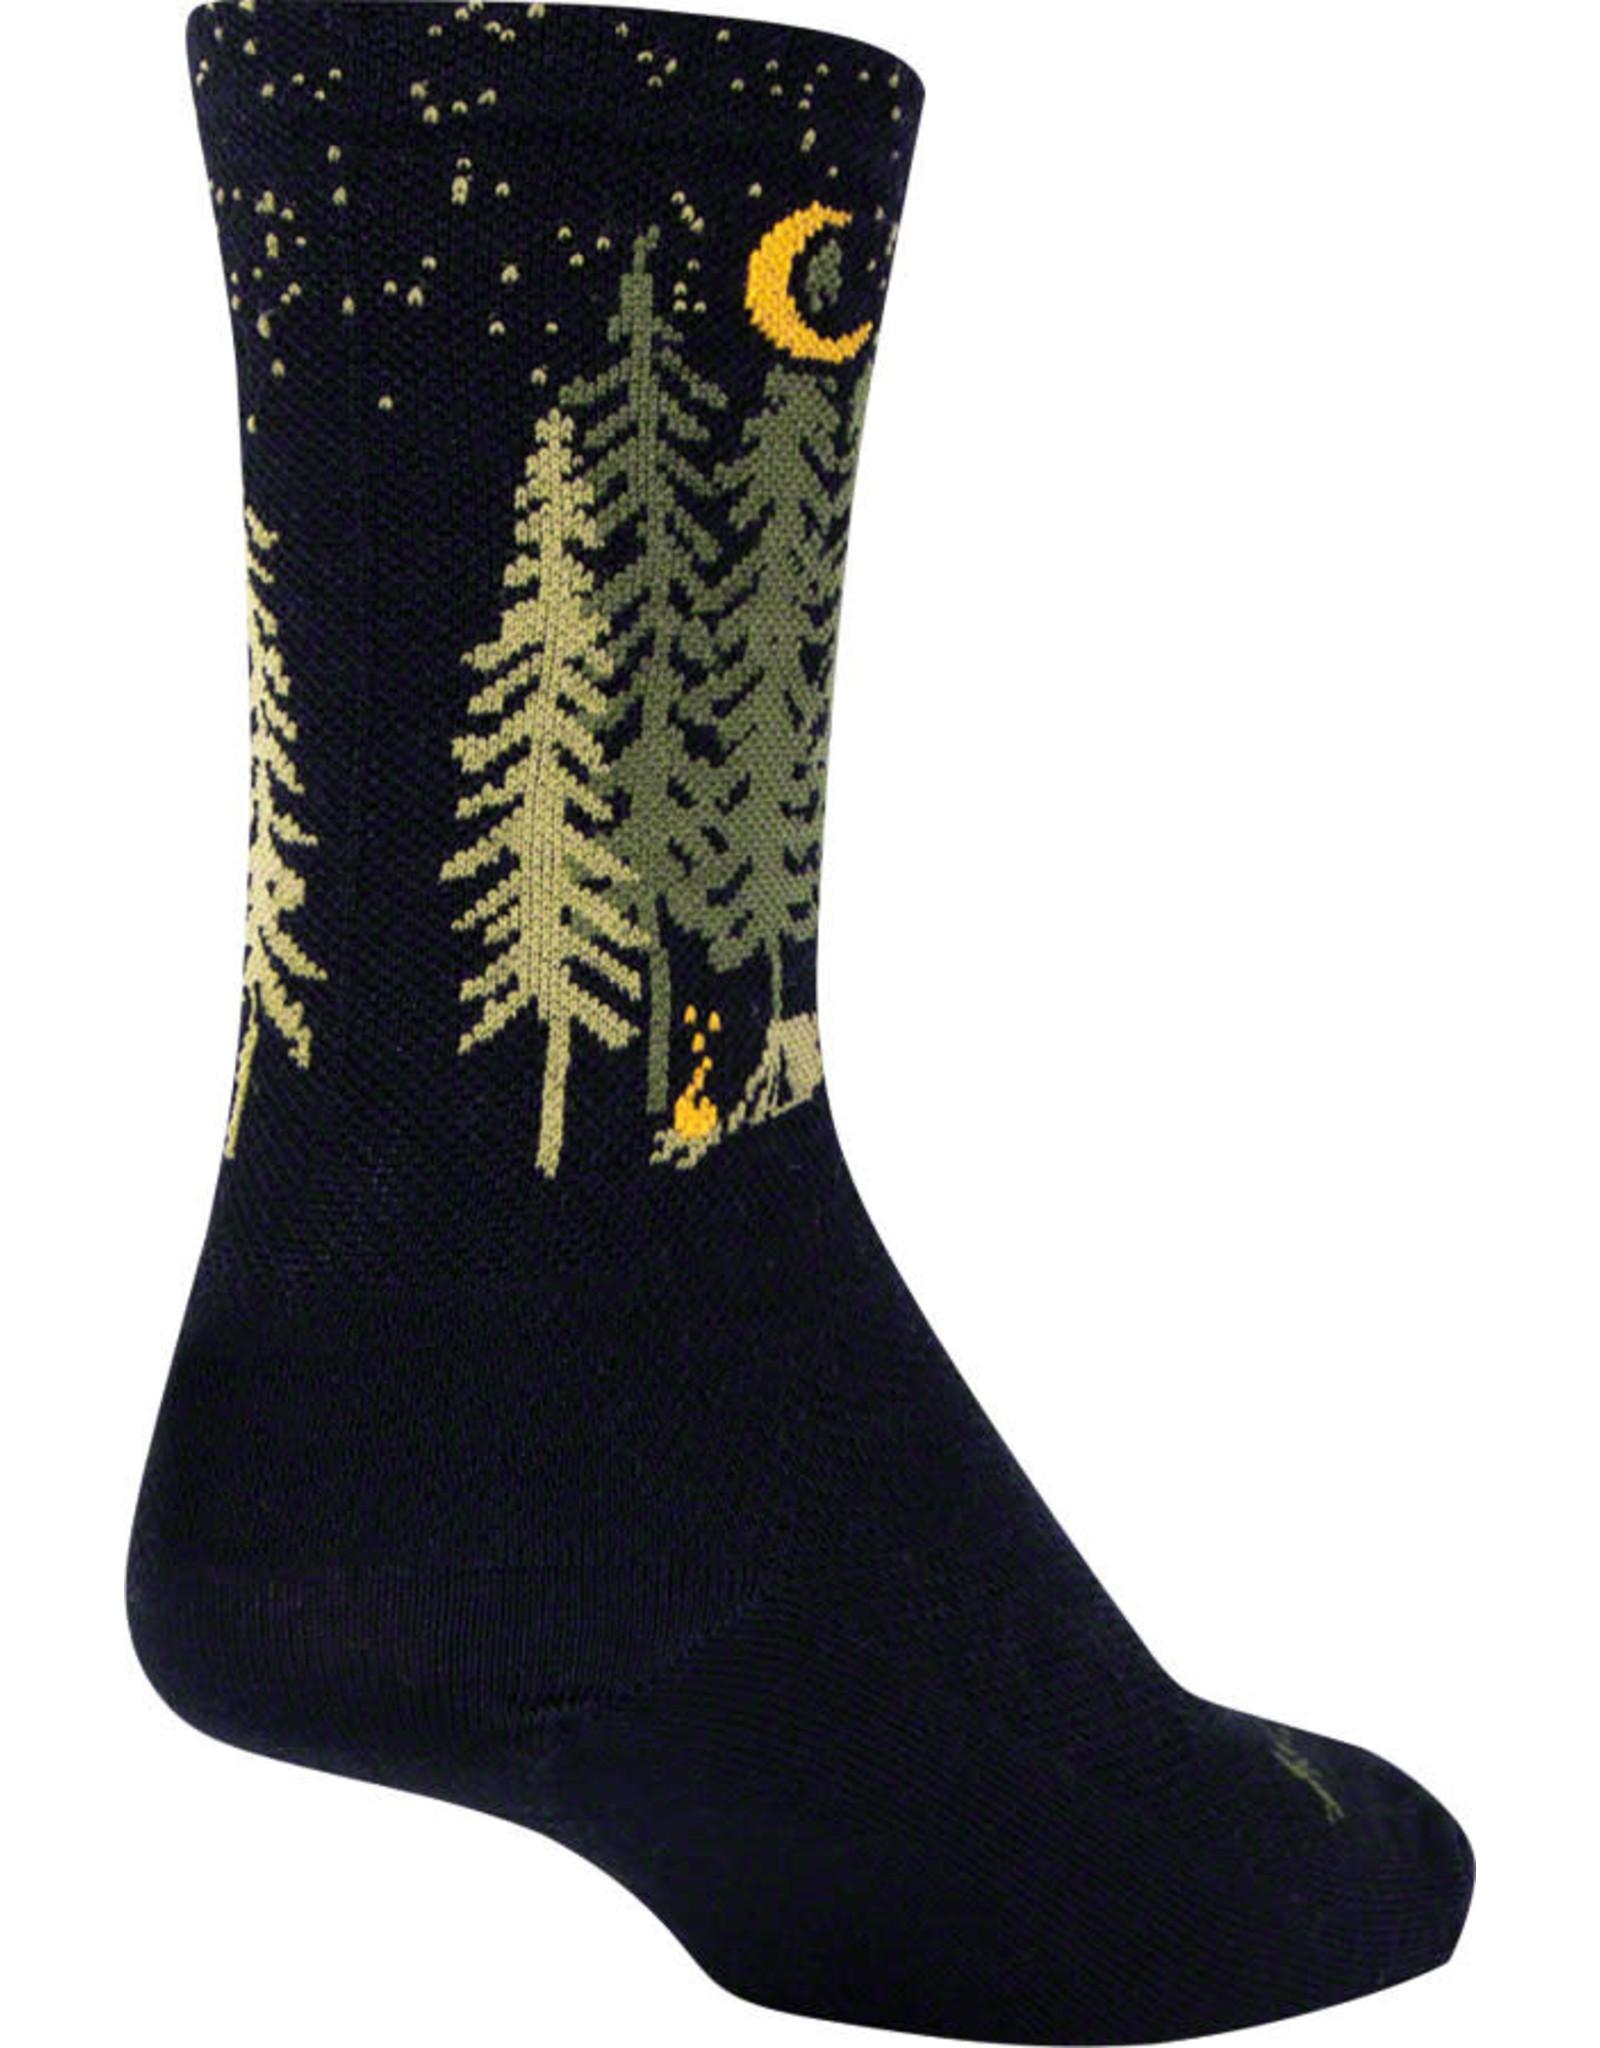 SockGuy SockGuy Wool 6 inch Socks